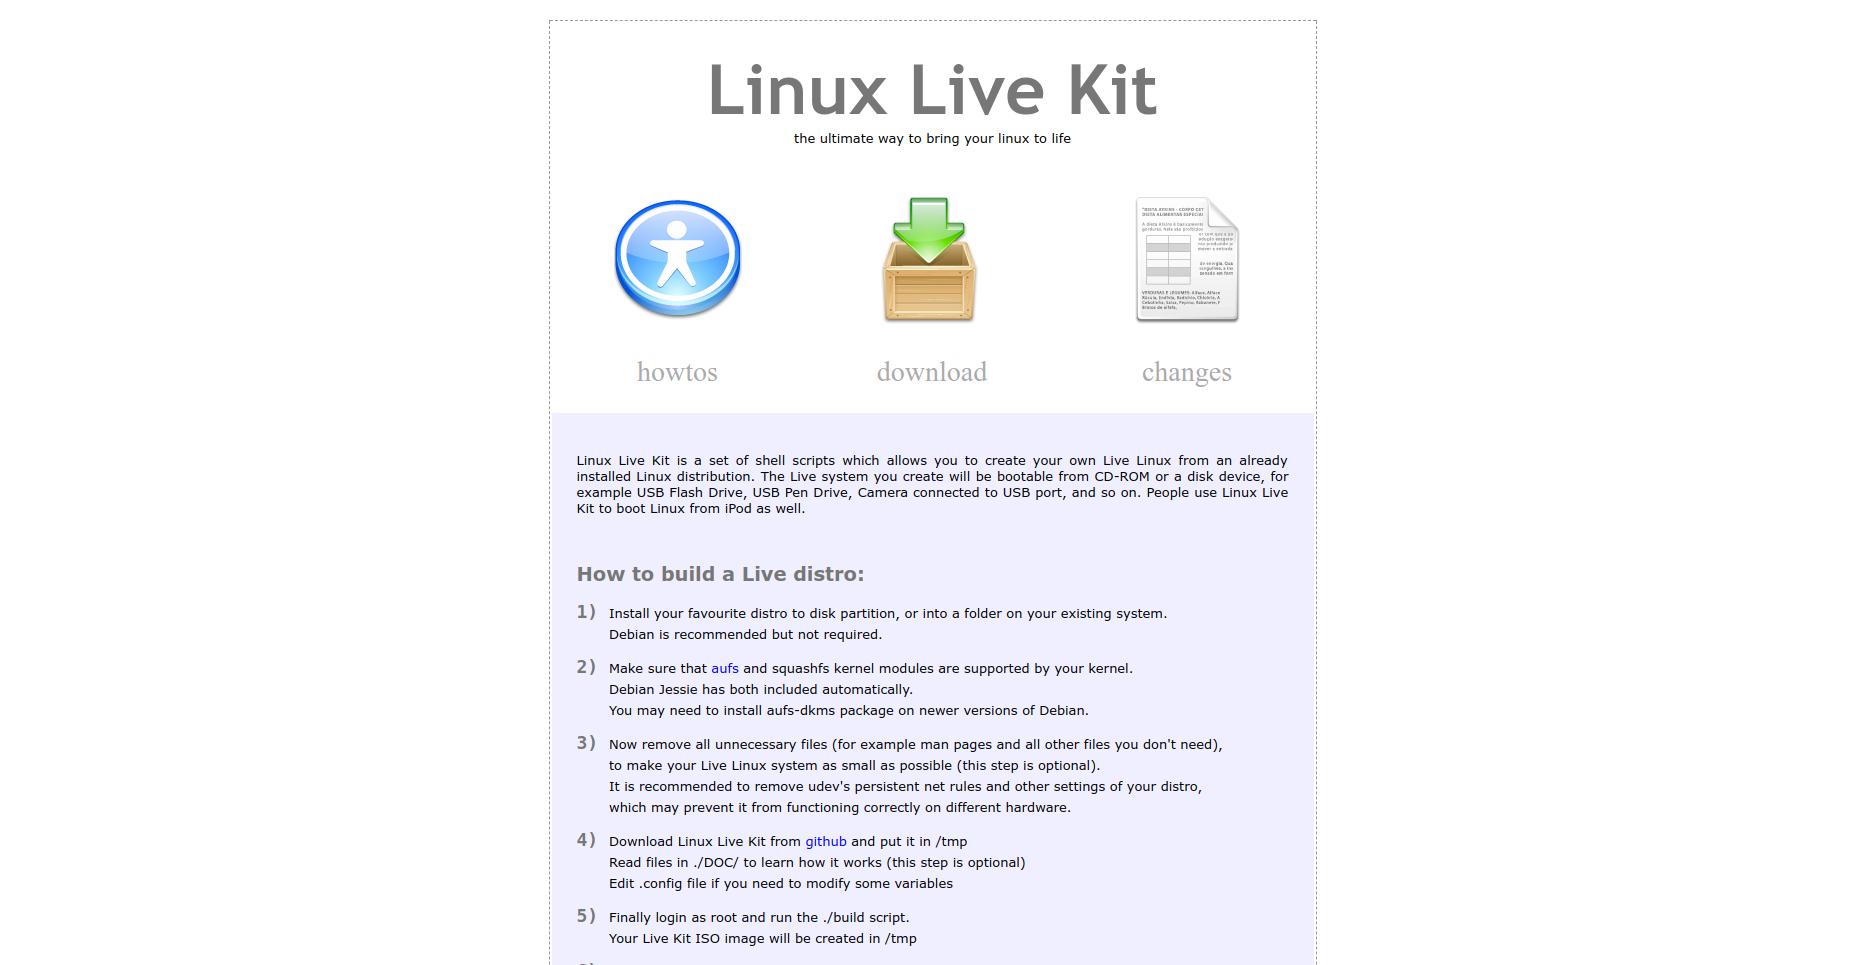 Восемь утилит для создания своего собственного дистрибутива Linux